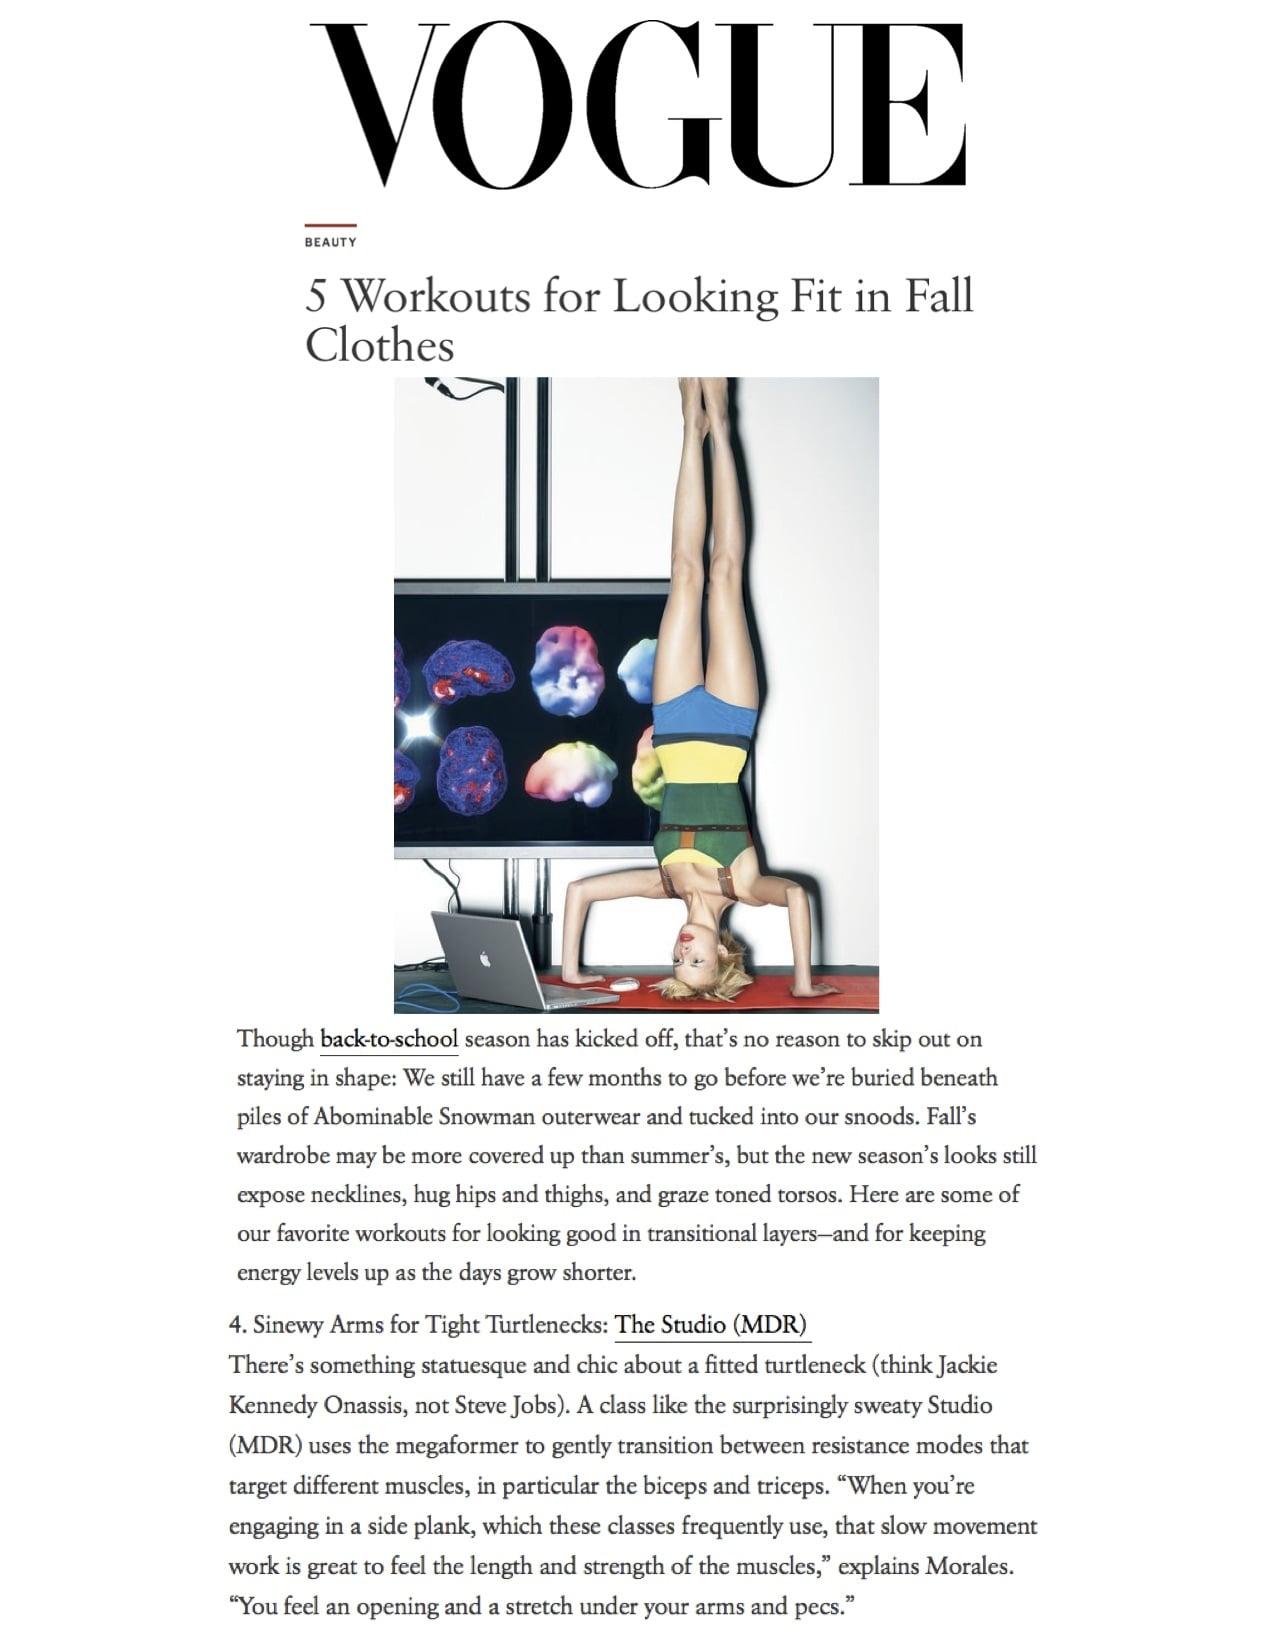 Vogue article, Sept 15